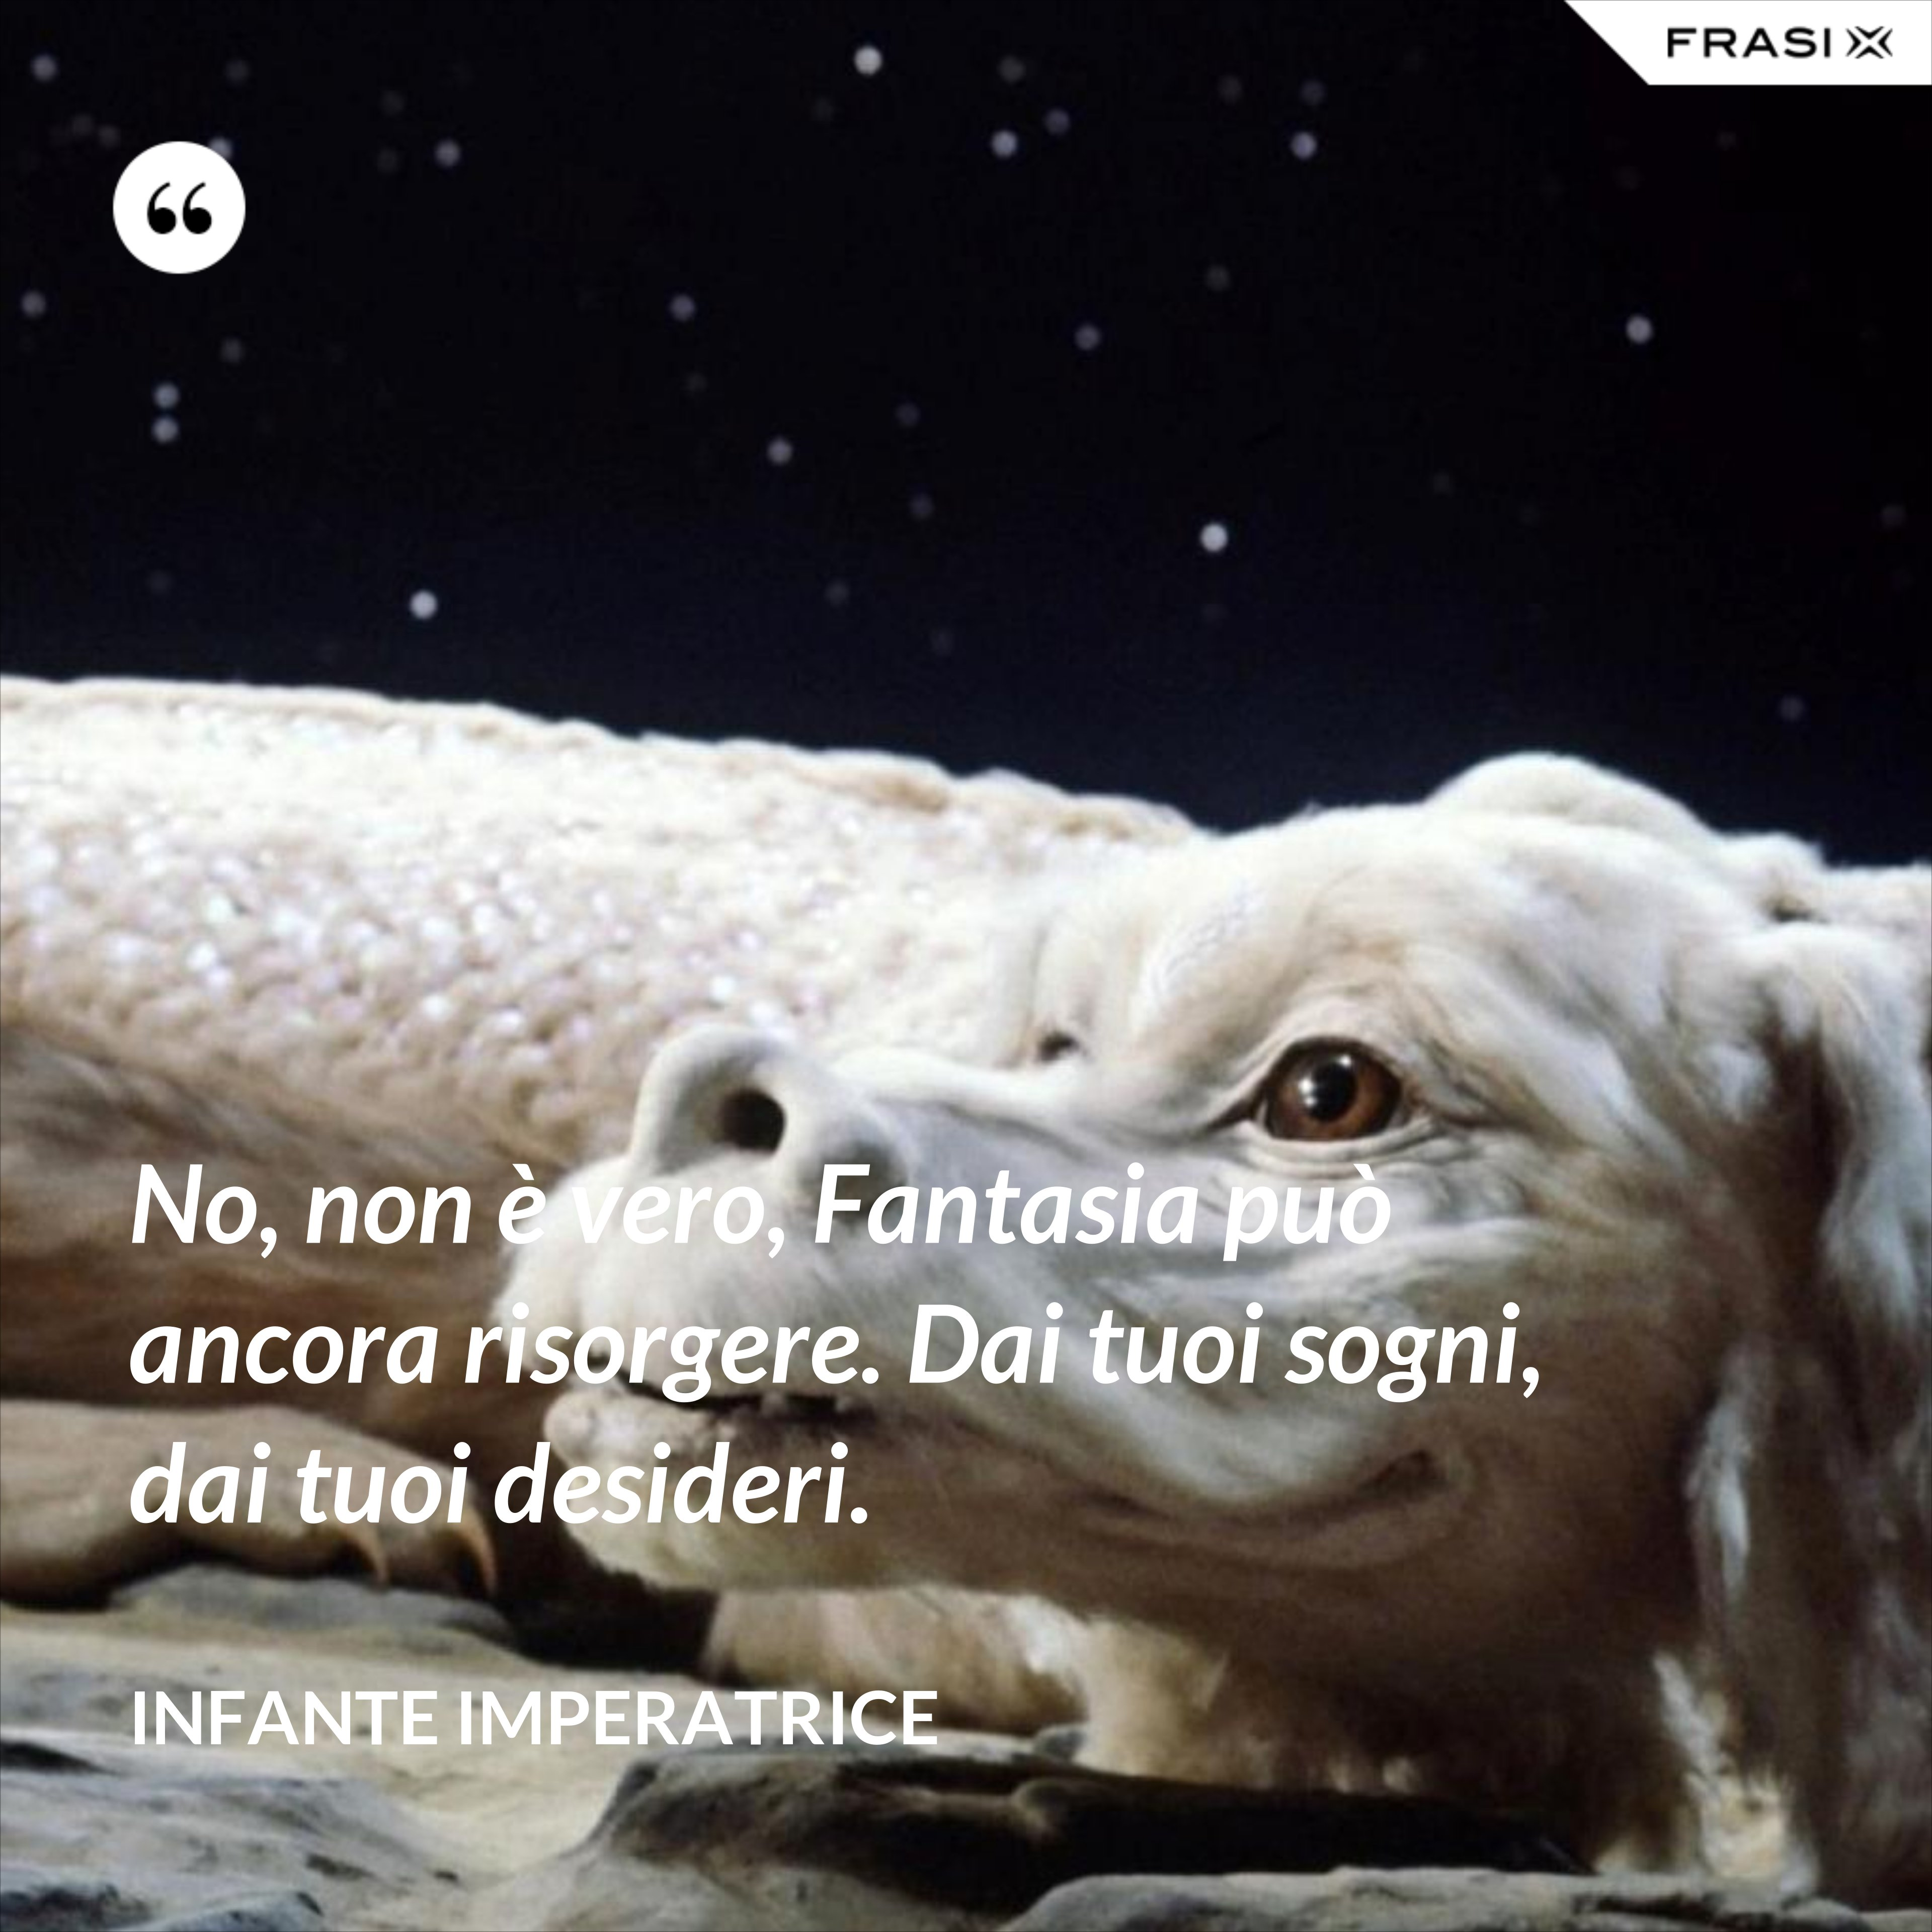 No, non è vero, Fantasia può ancora risorgere. Dai tuoi sogni, dai tuoi desideri. - Infante Imperatrice